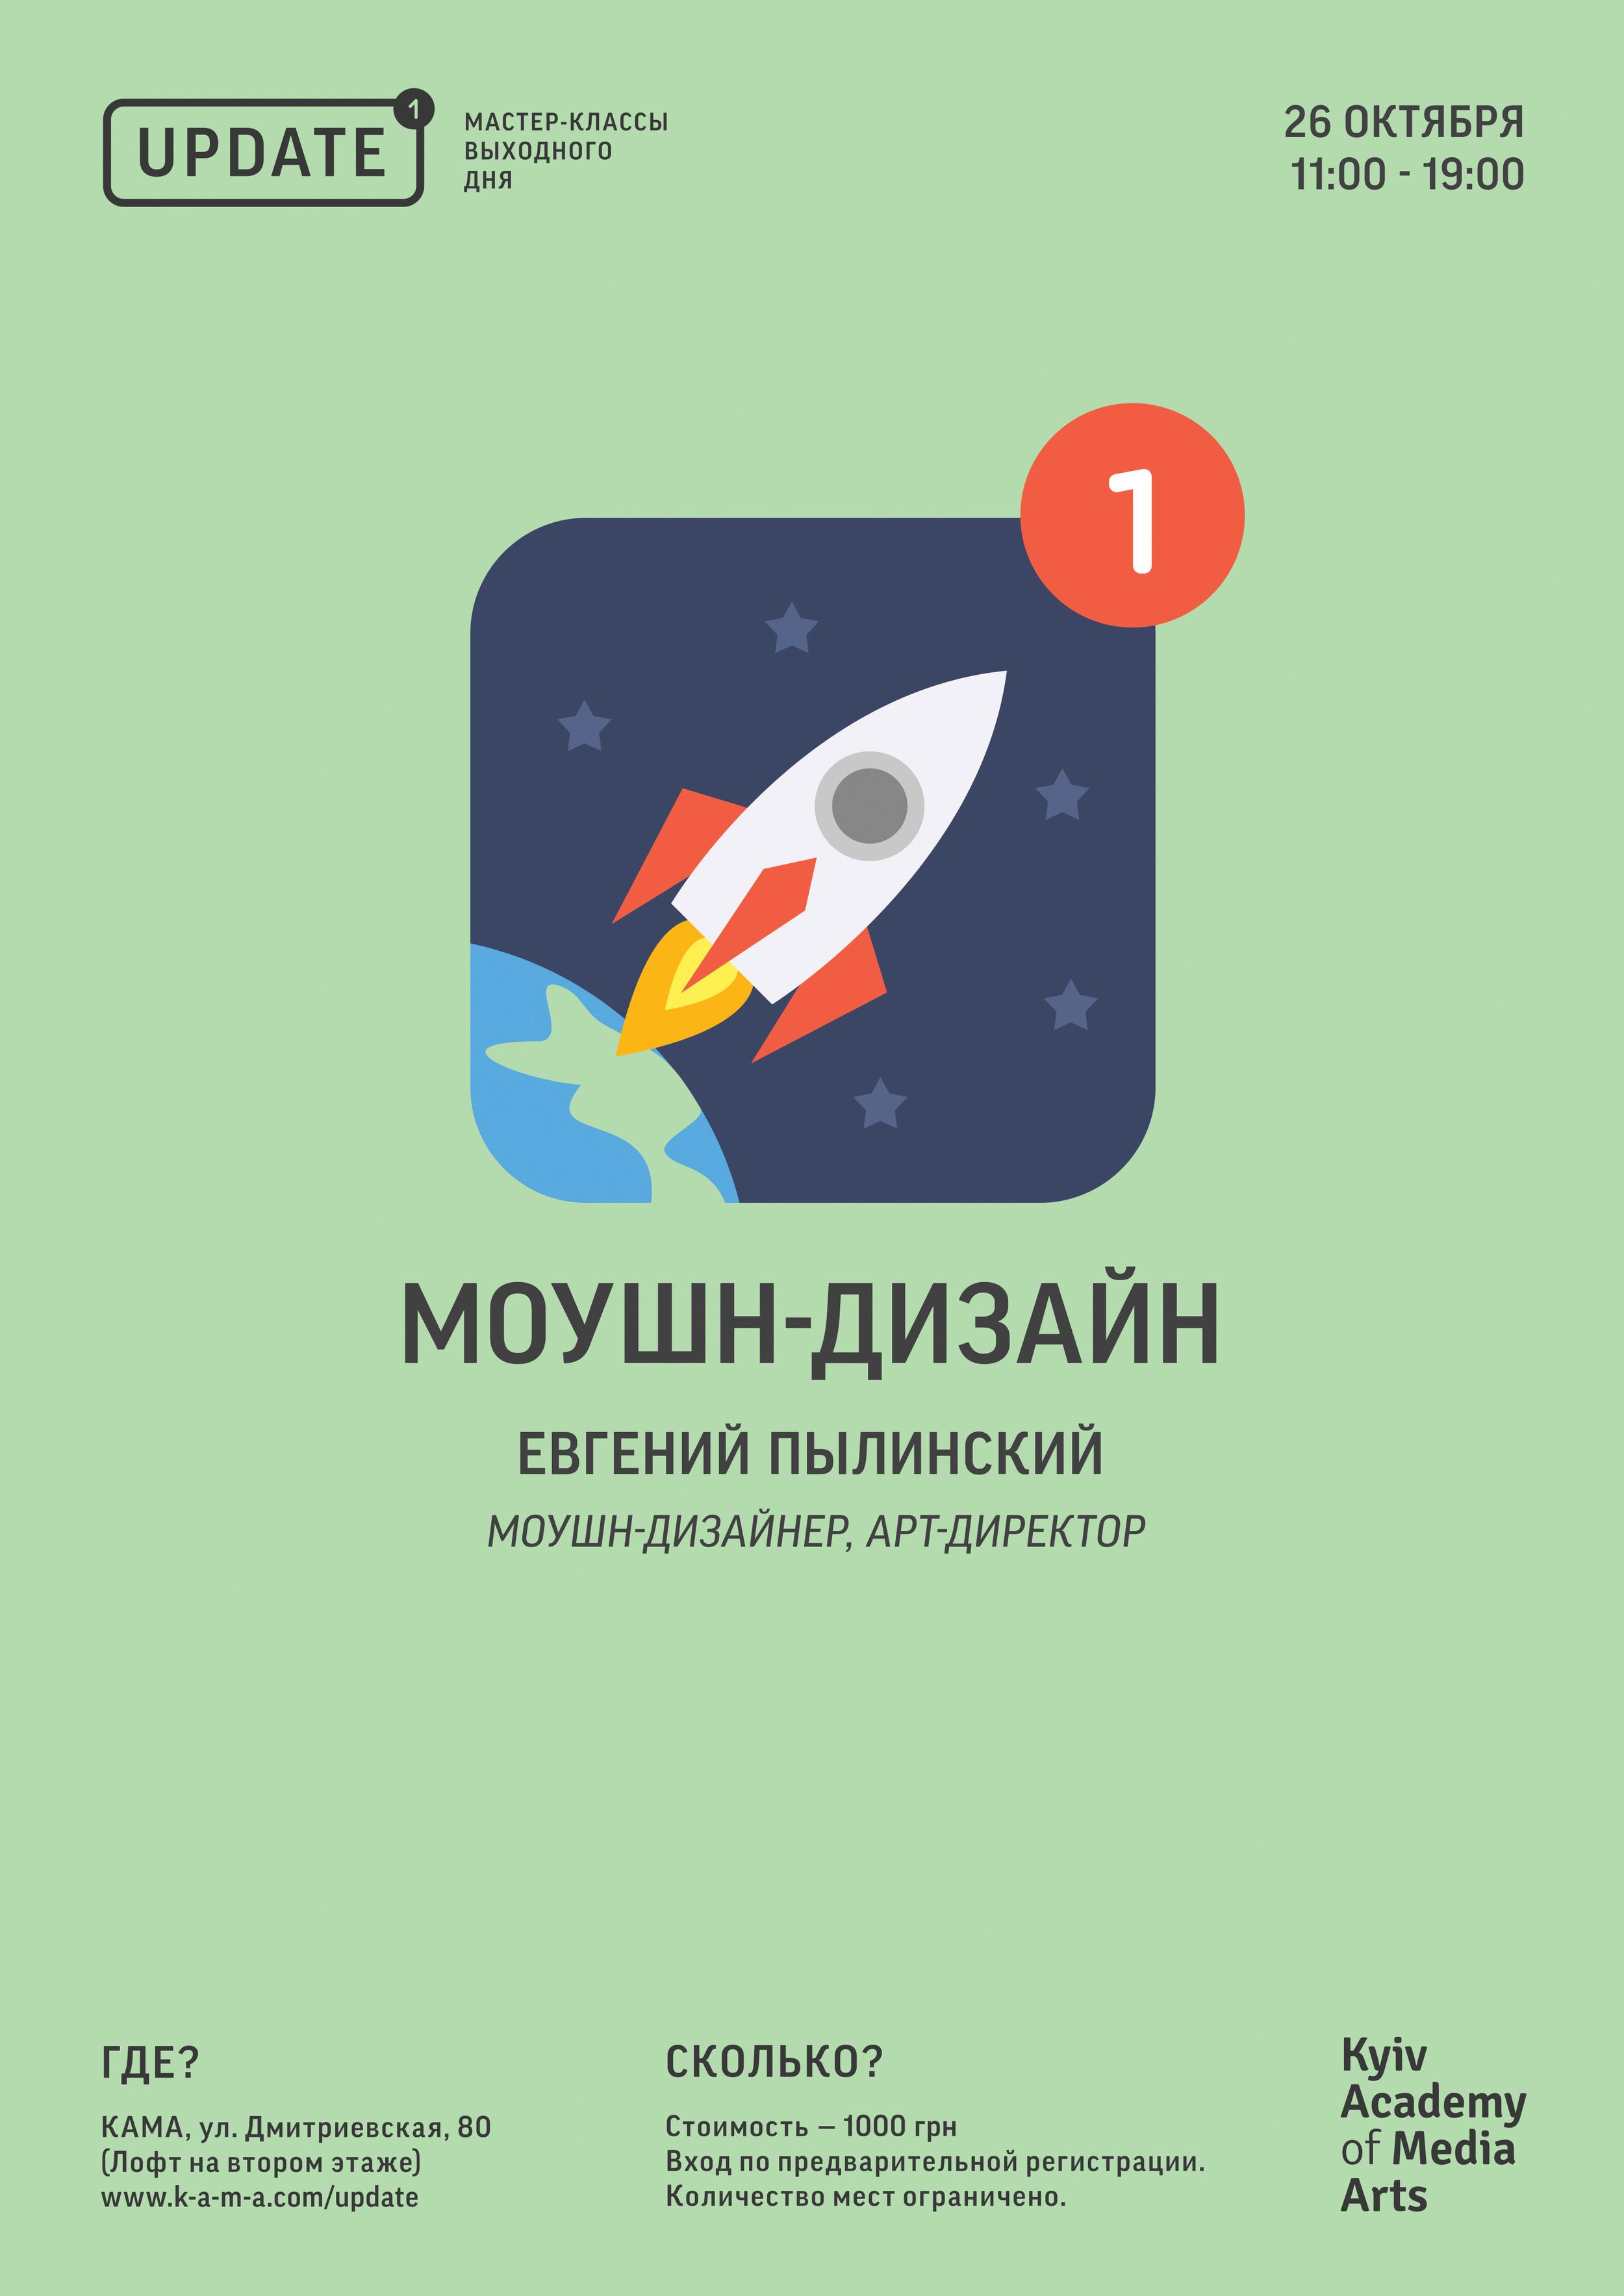 update_print_a3_2014-10-26.jpg